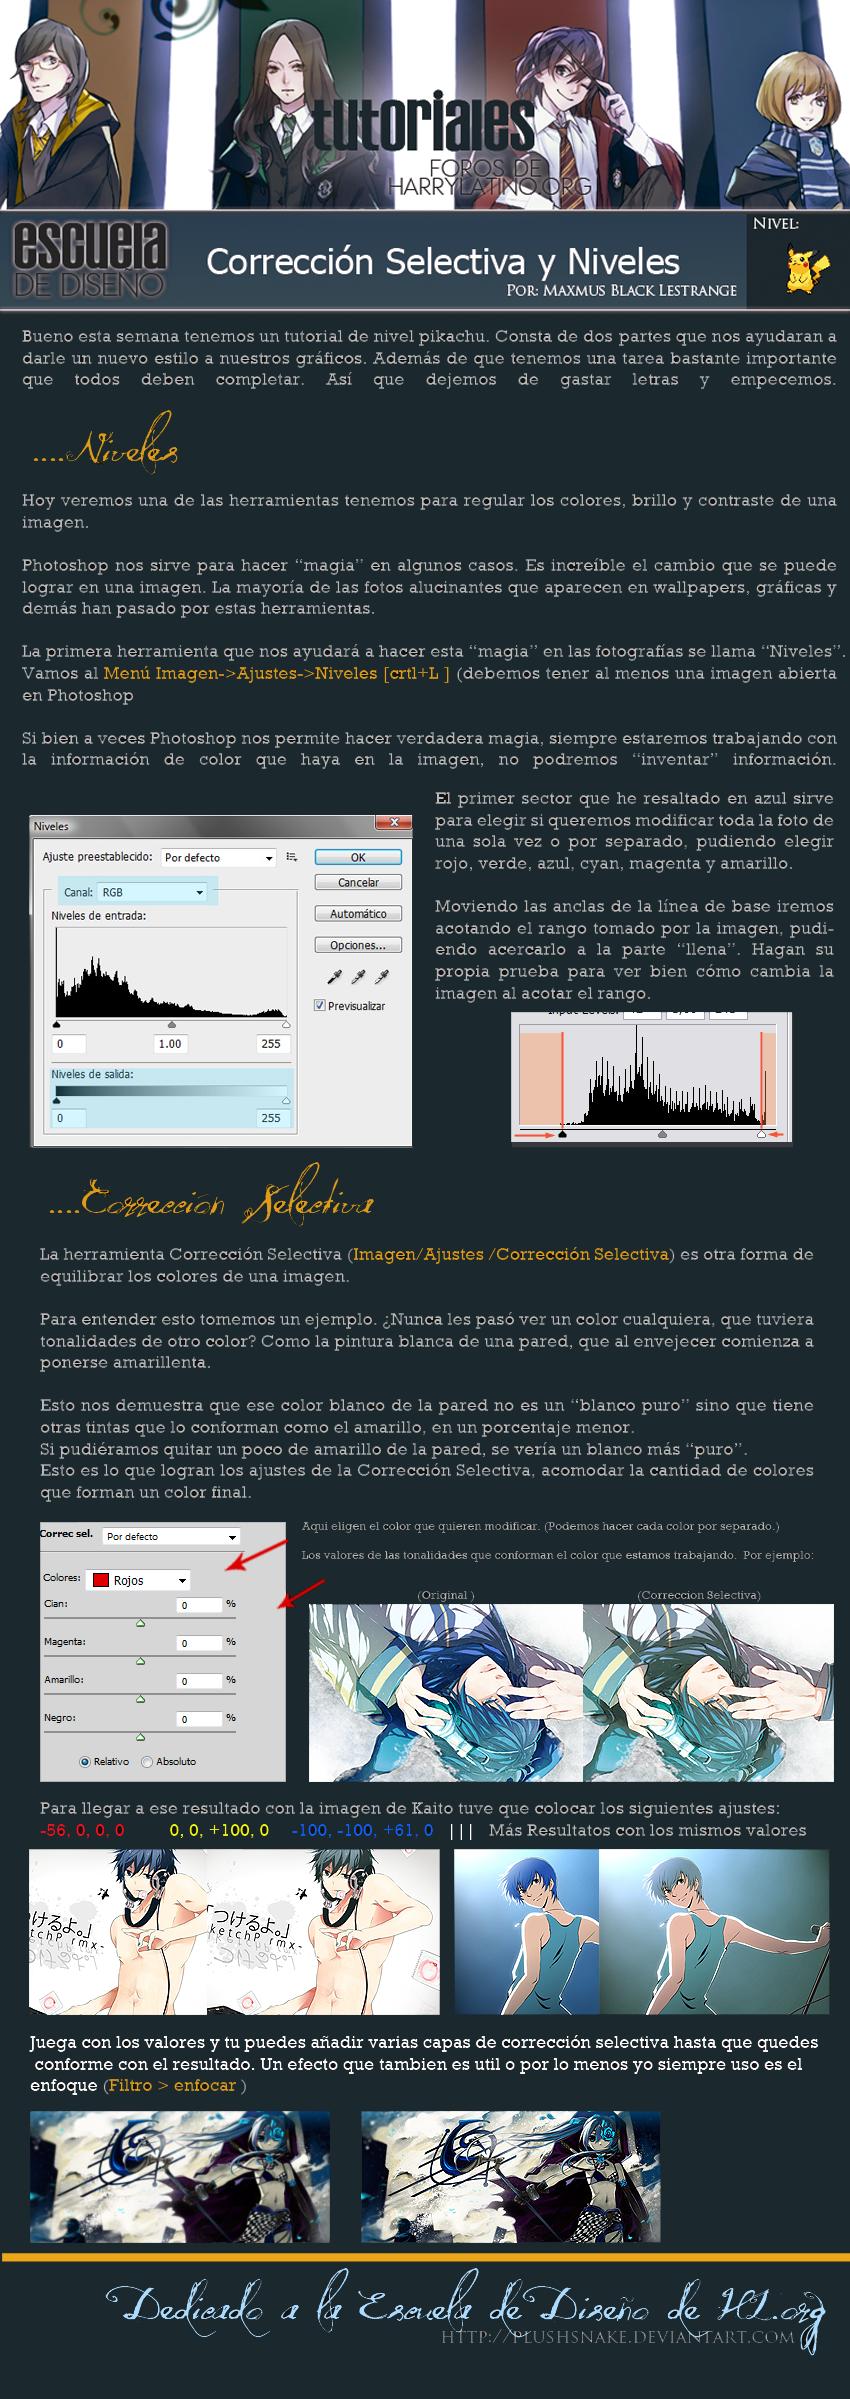 correcion_selectiva_y_niveles_by_disenoh